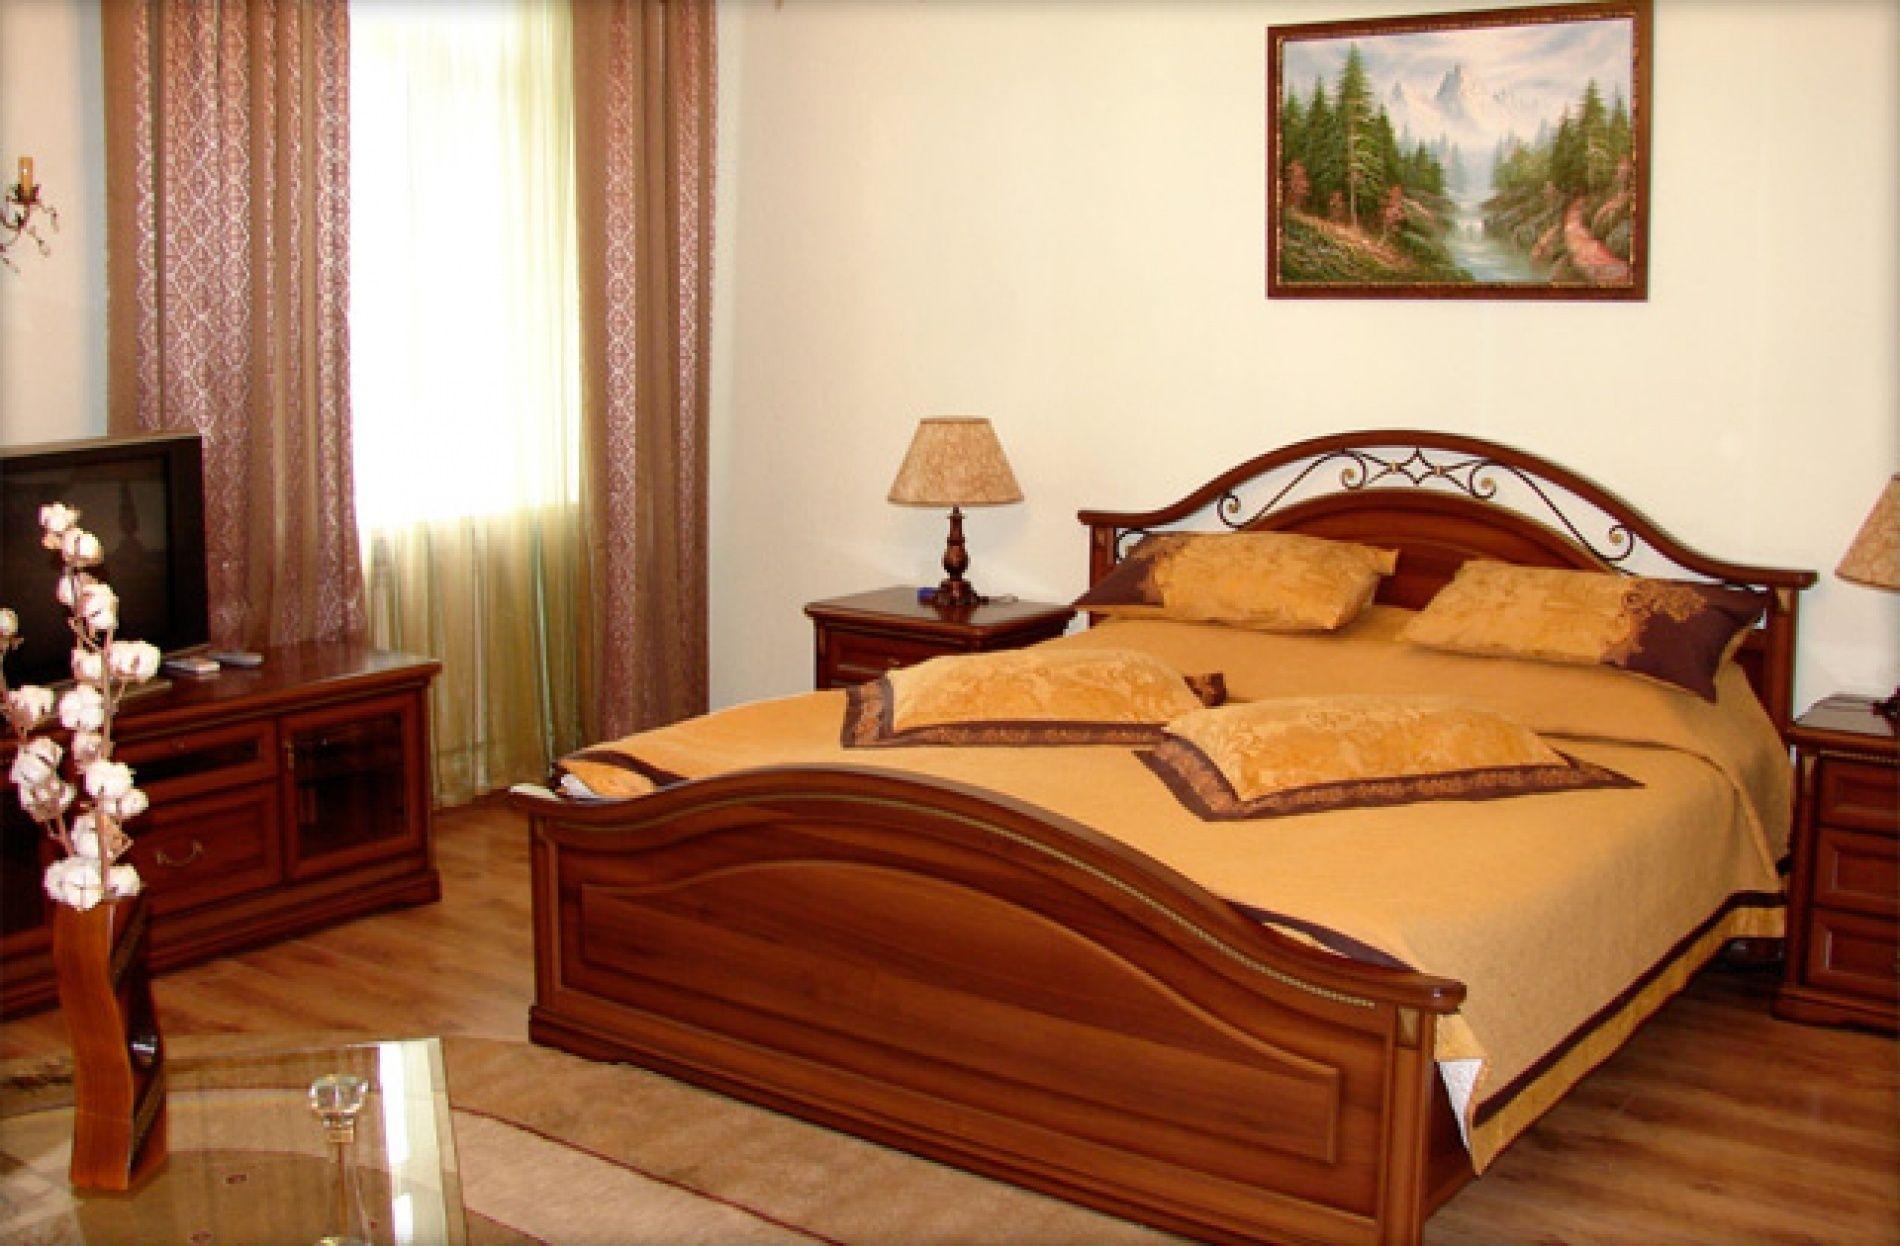 """Гостиница """"Family hotel"""" Курганская область, фото 2"""